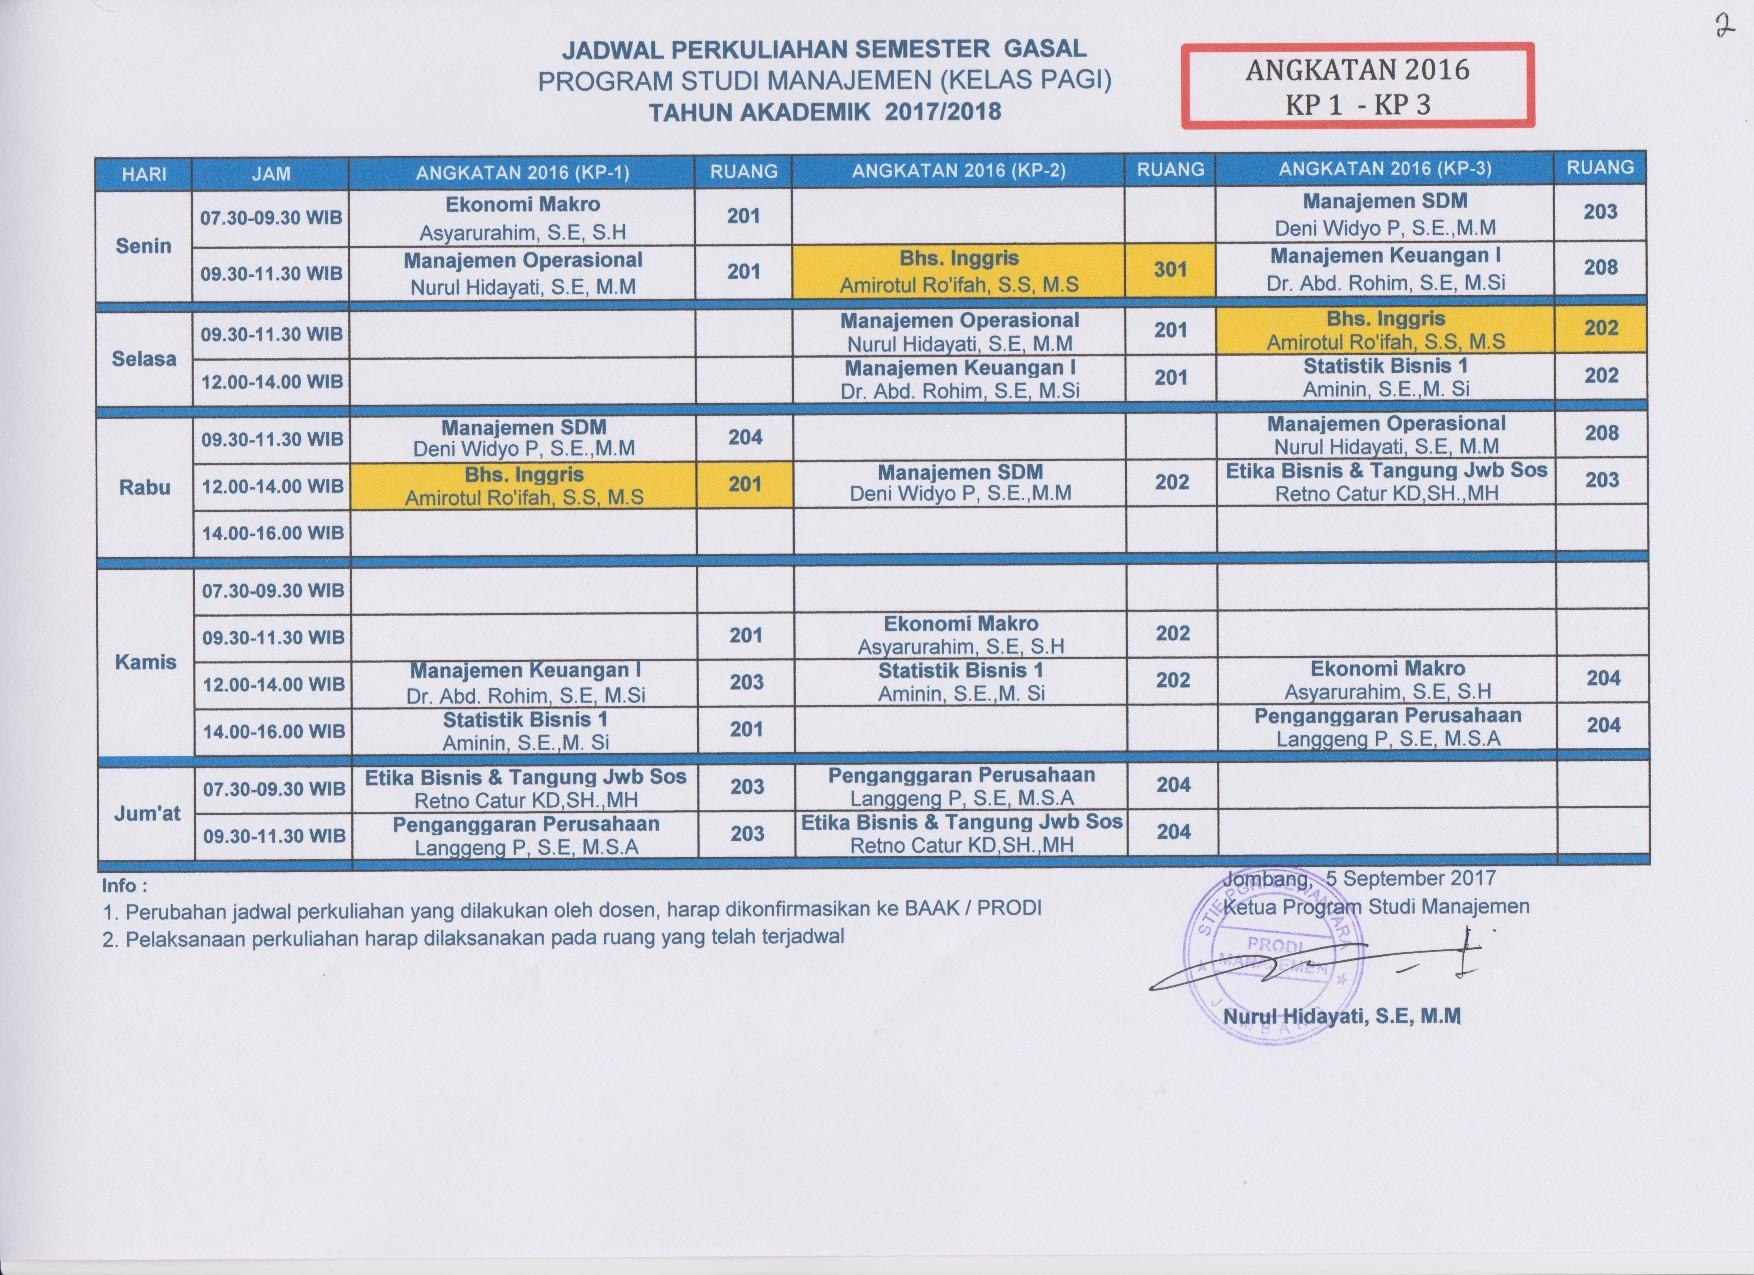 Jadwal Perkuliahan Semester Gasal Tahun Akademik 2017/2018